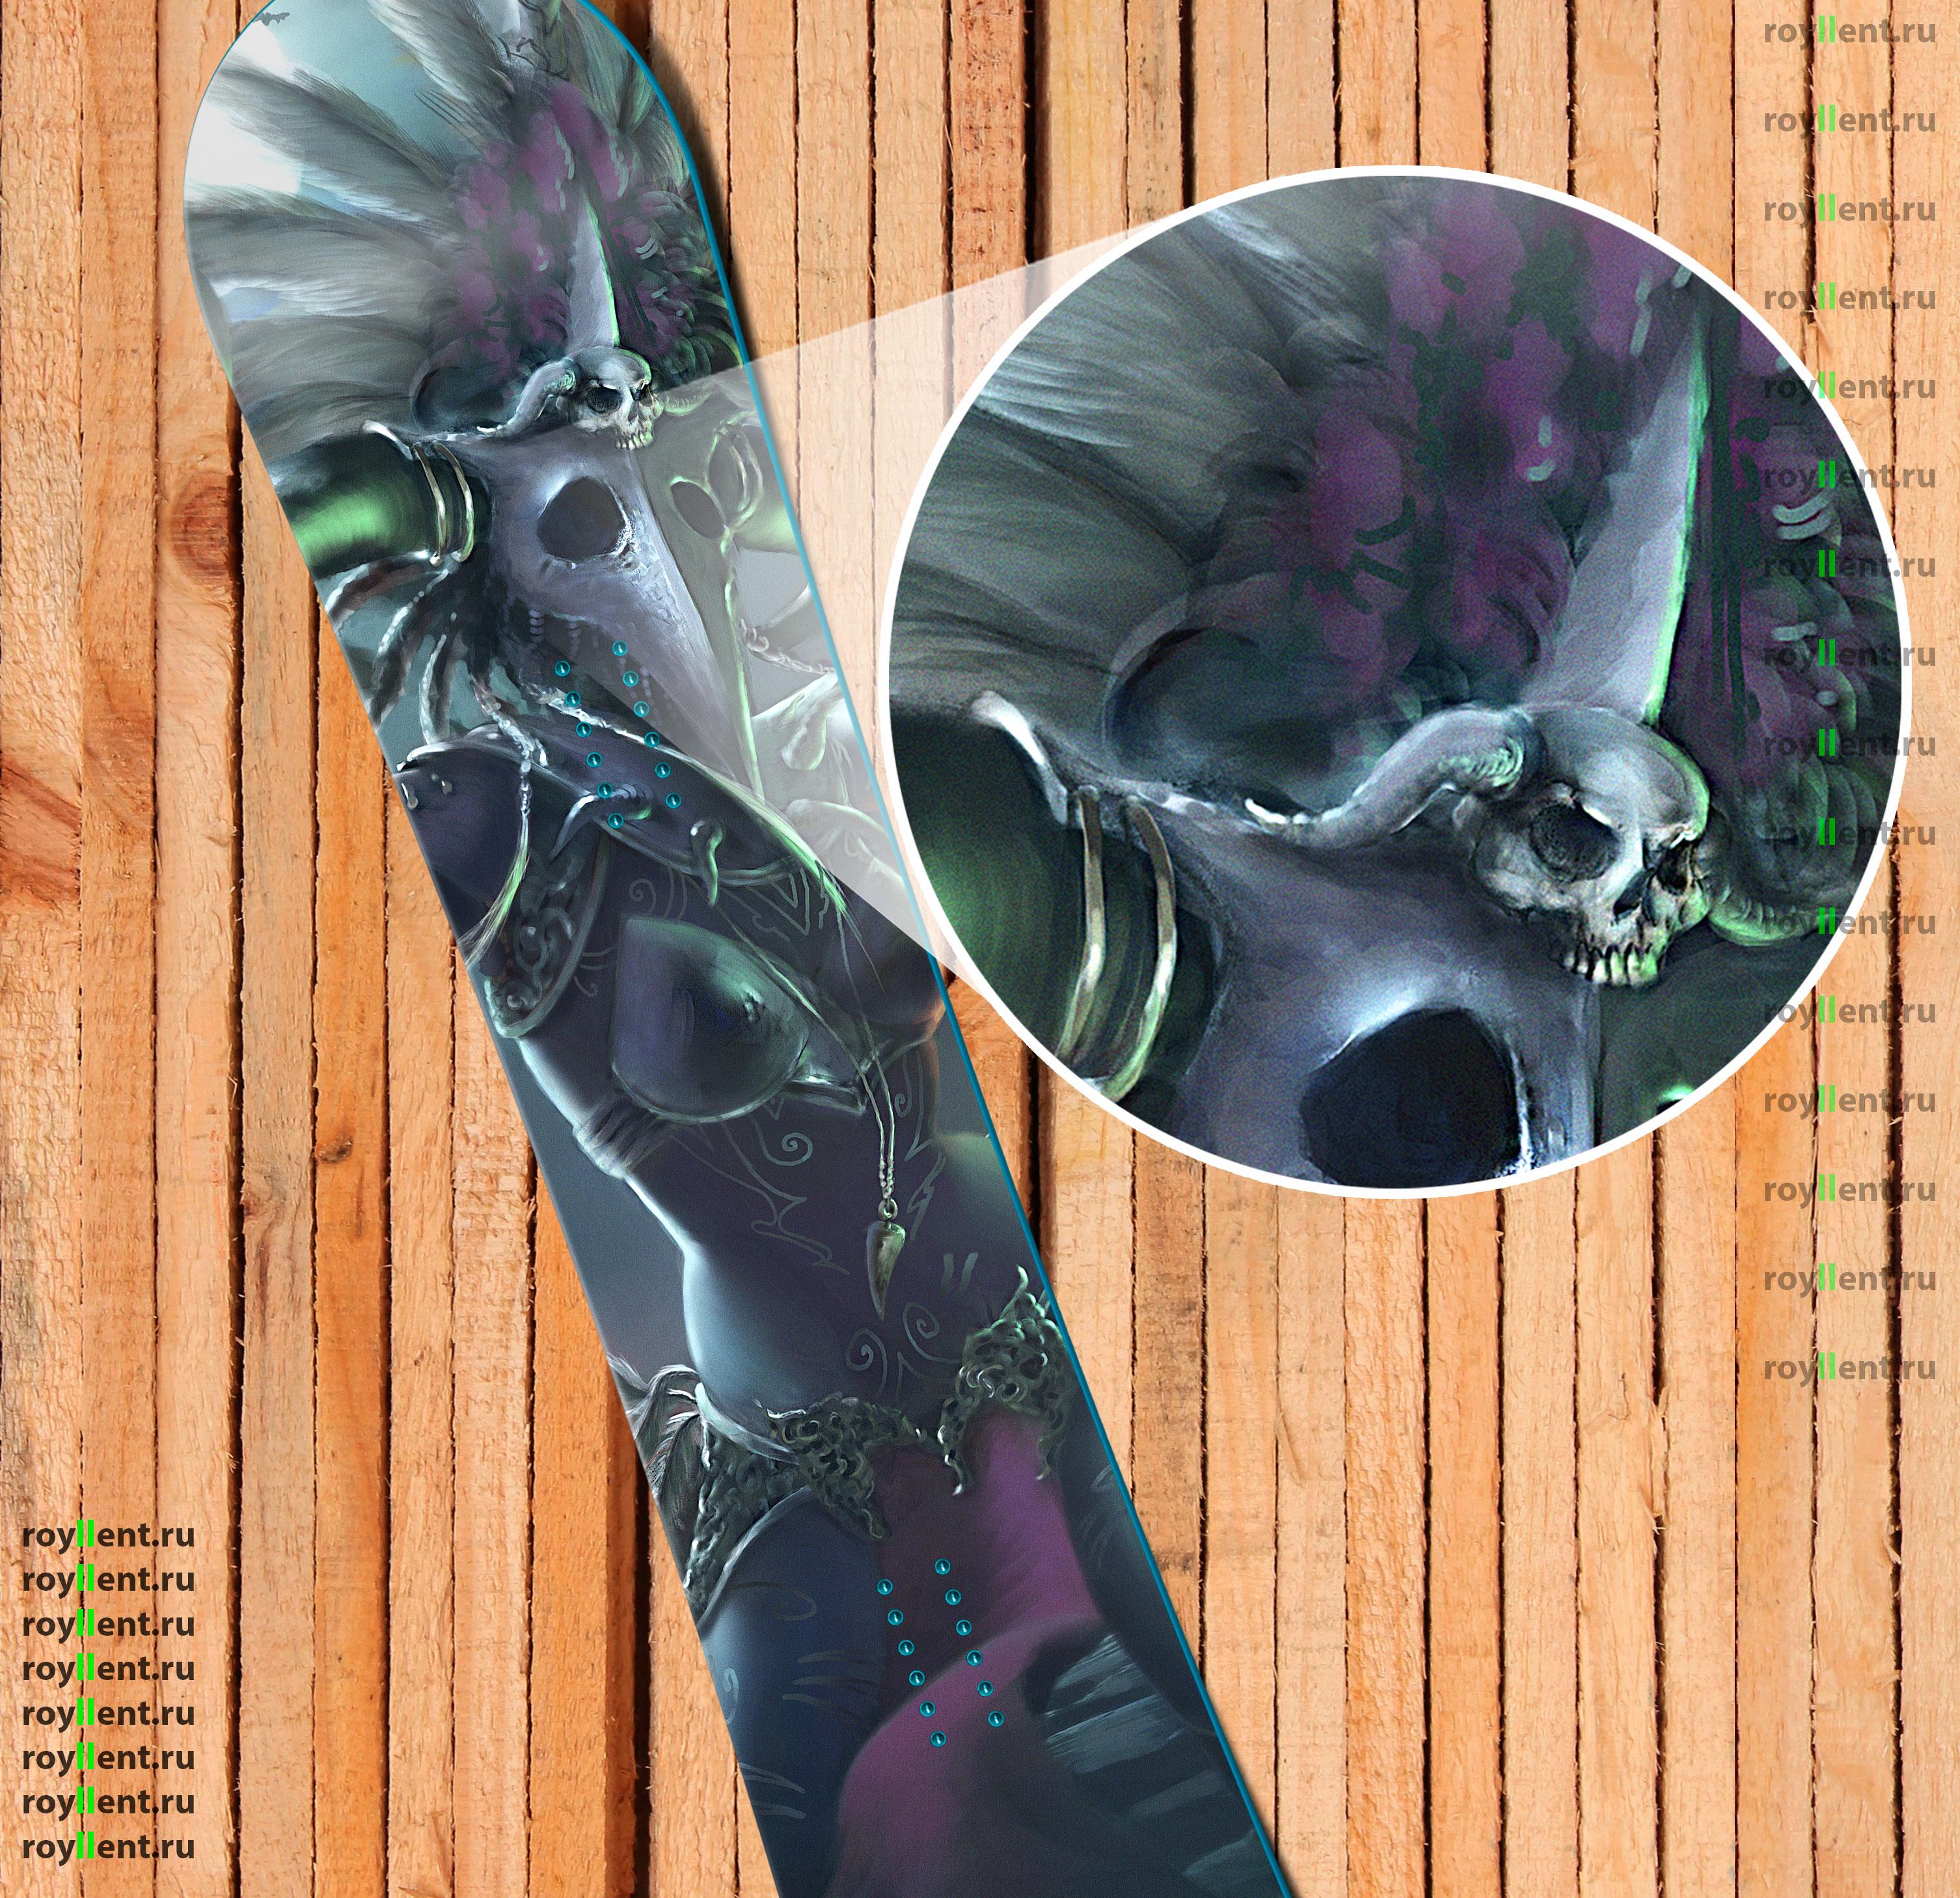 Наклейка виниловая на сноуборд в стиле Голодные игры купить недорого в интернет магазине с доставкой по России